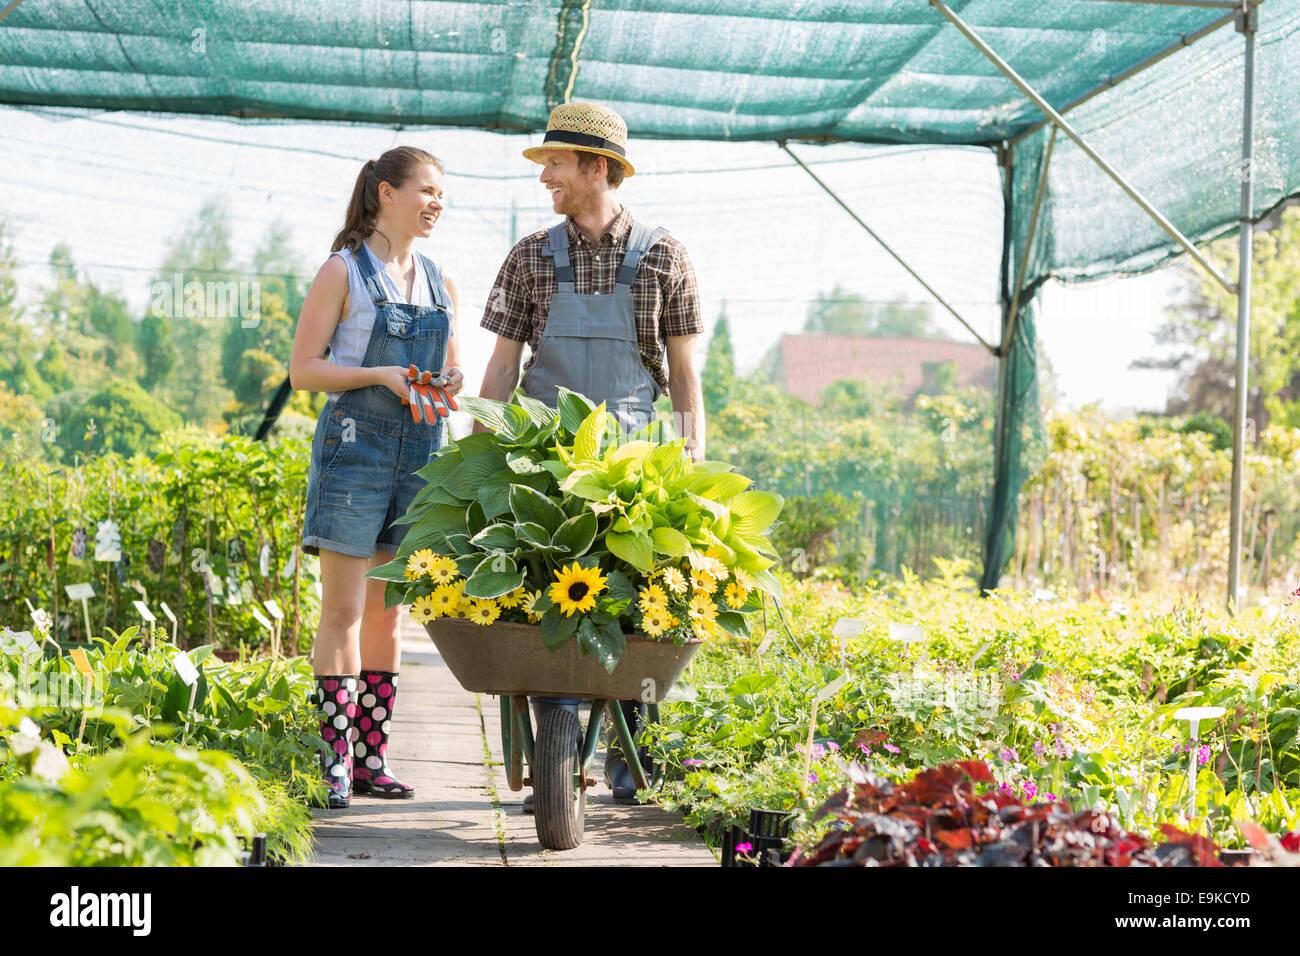 Jardiniers discuter tout en poussant les plantes de serre à brouette Banque D'Images